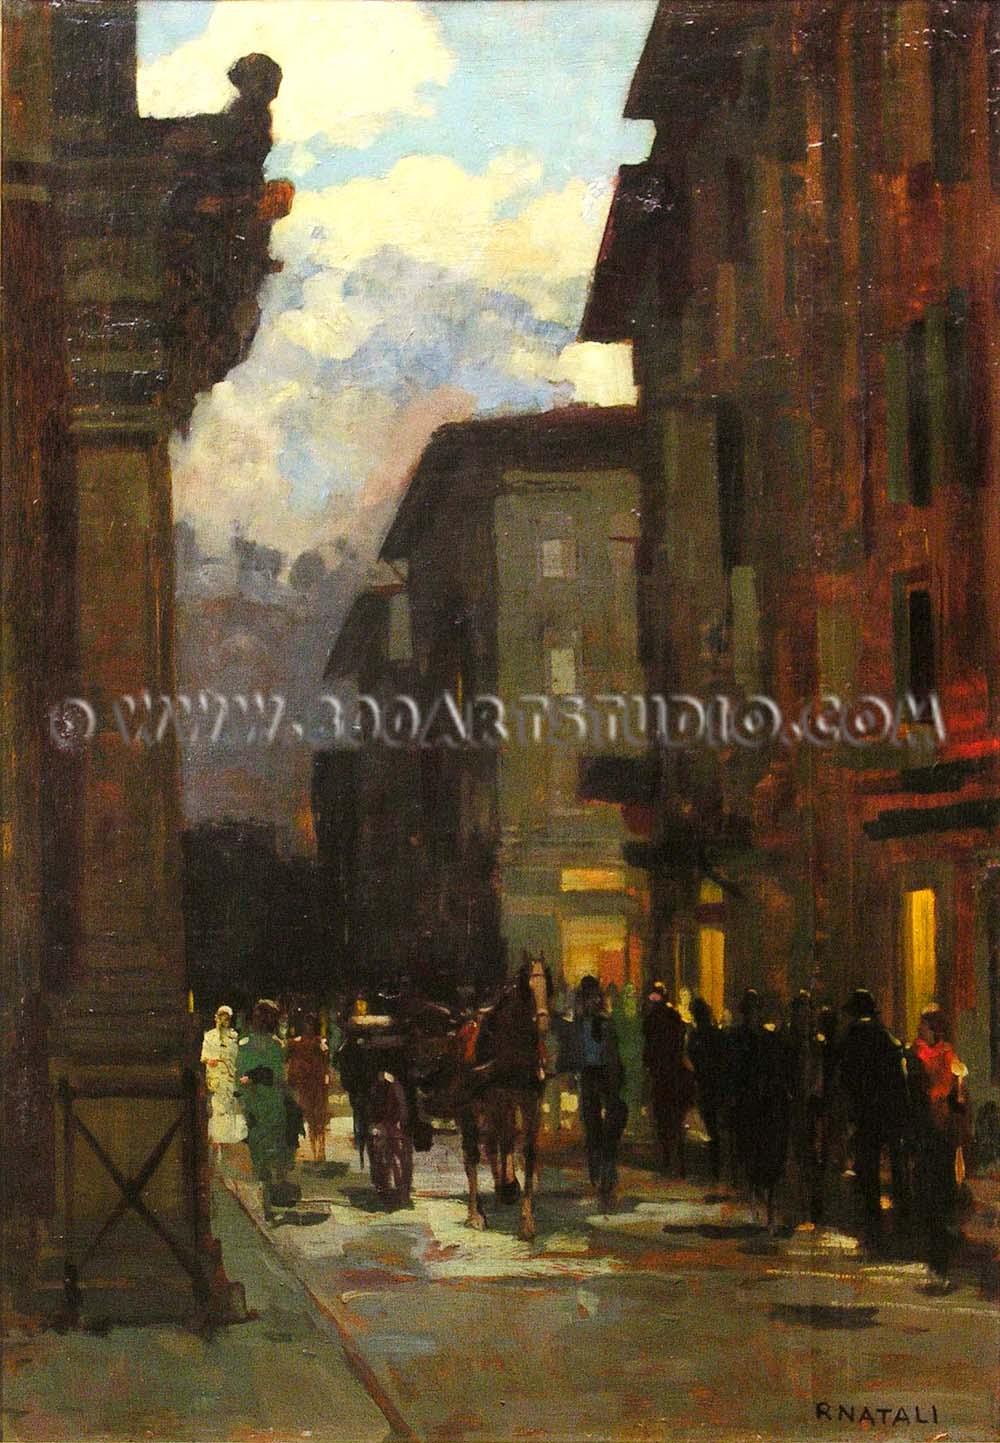 Renato Natali - Strada di Livorno